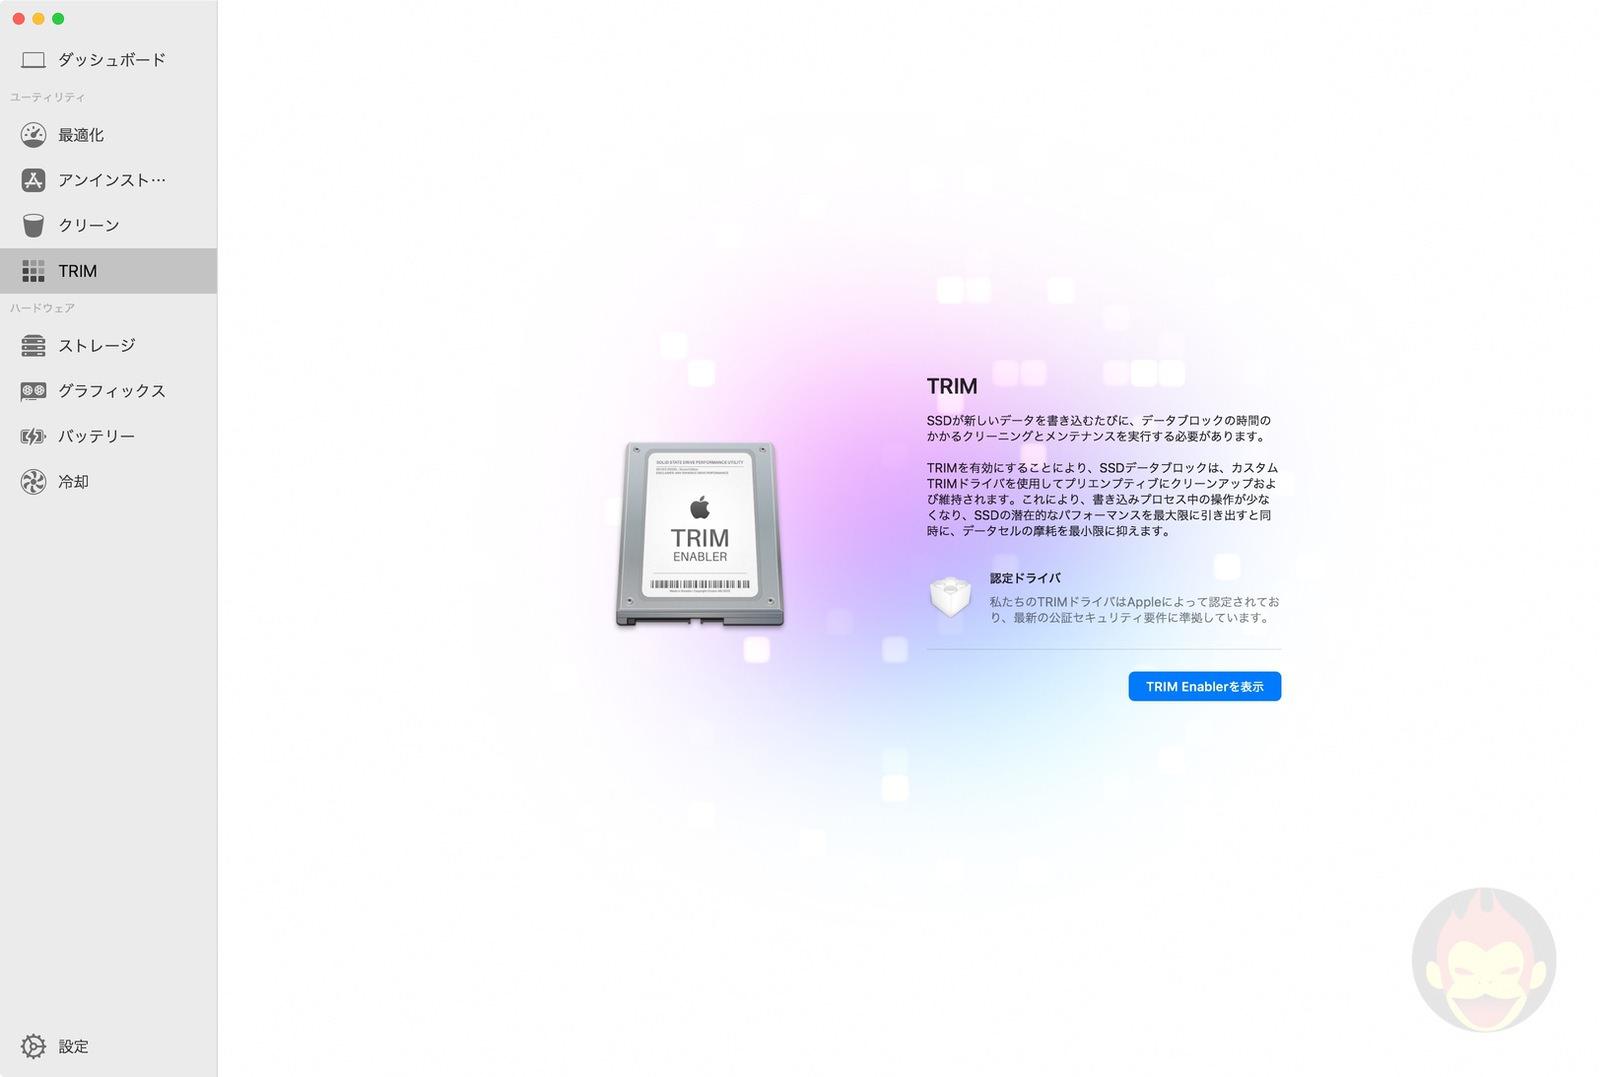 Sensei-Mac-Performance-tool-02.jpg